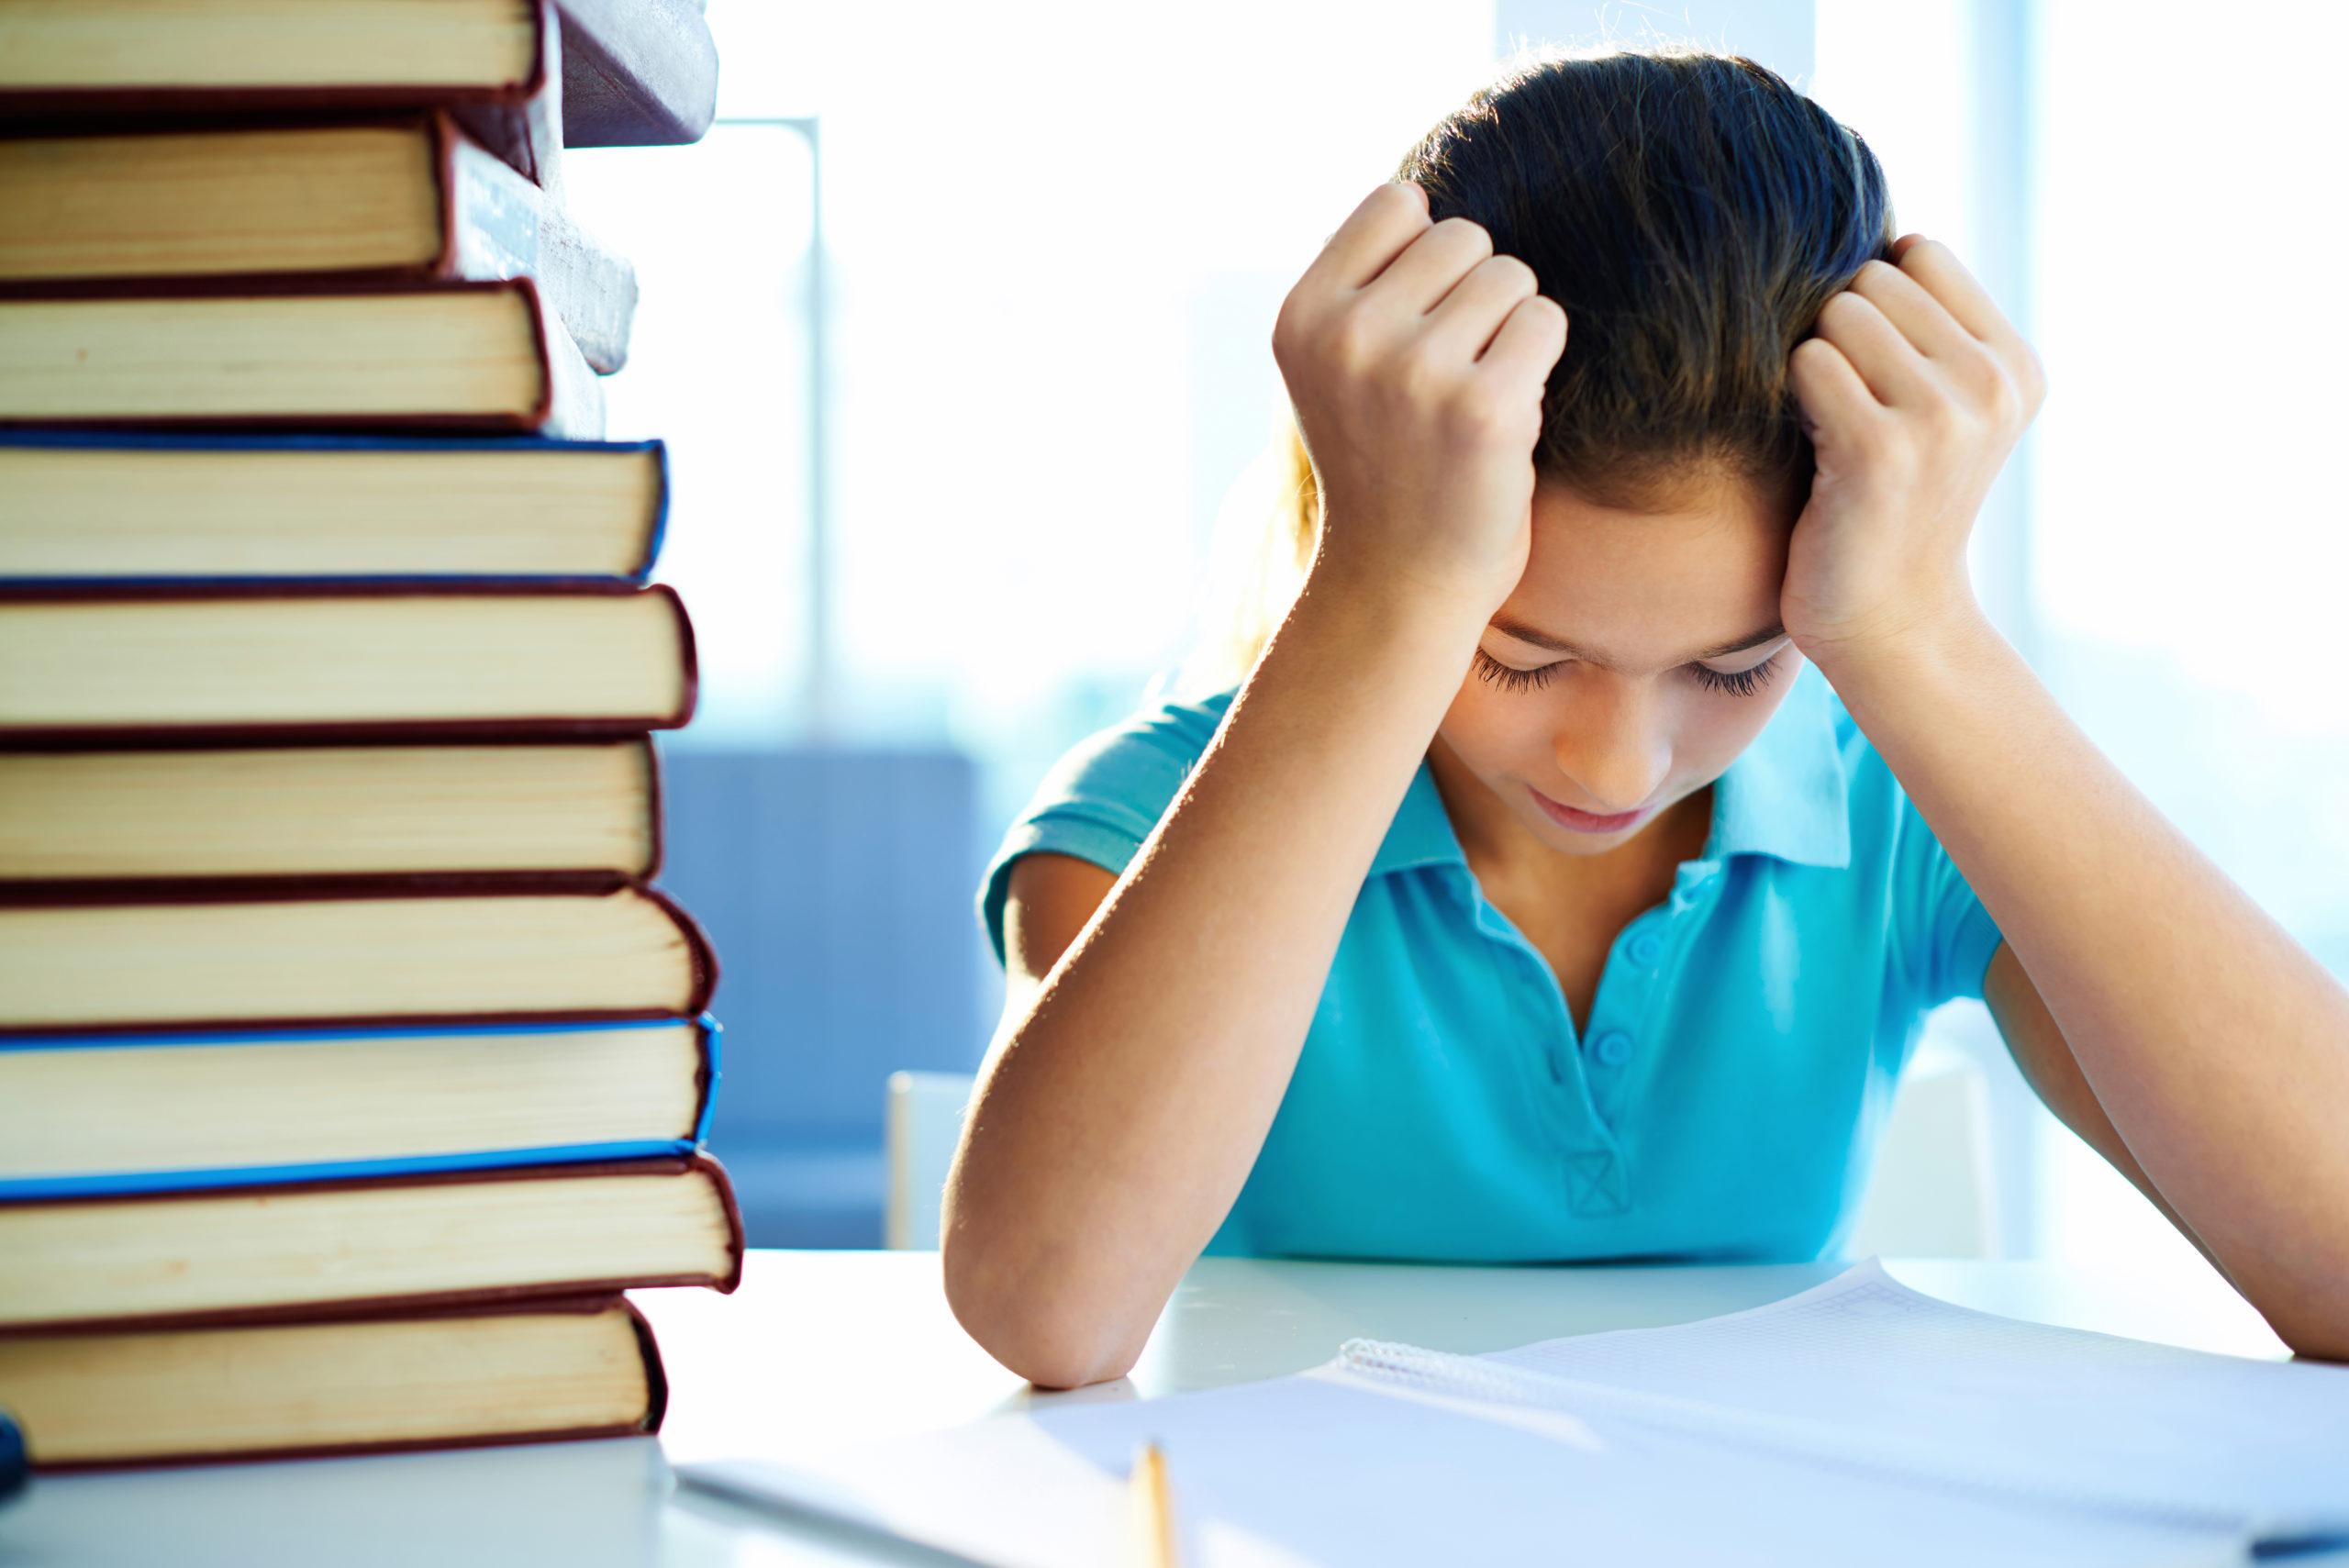 Dysgraphie : 8 idées pour aider les élèves dysgraphiques en classe